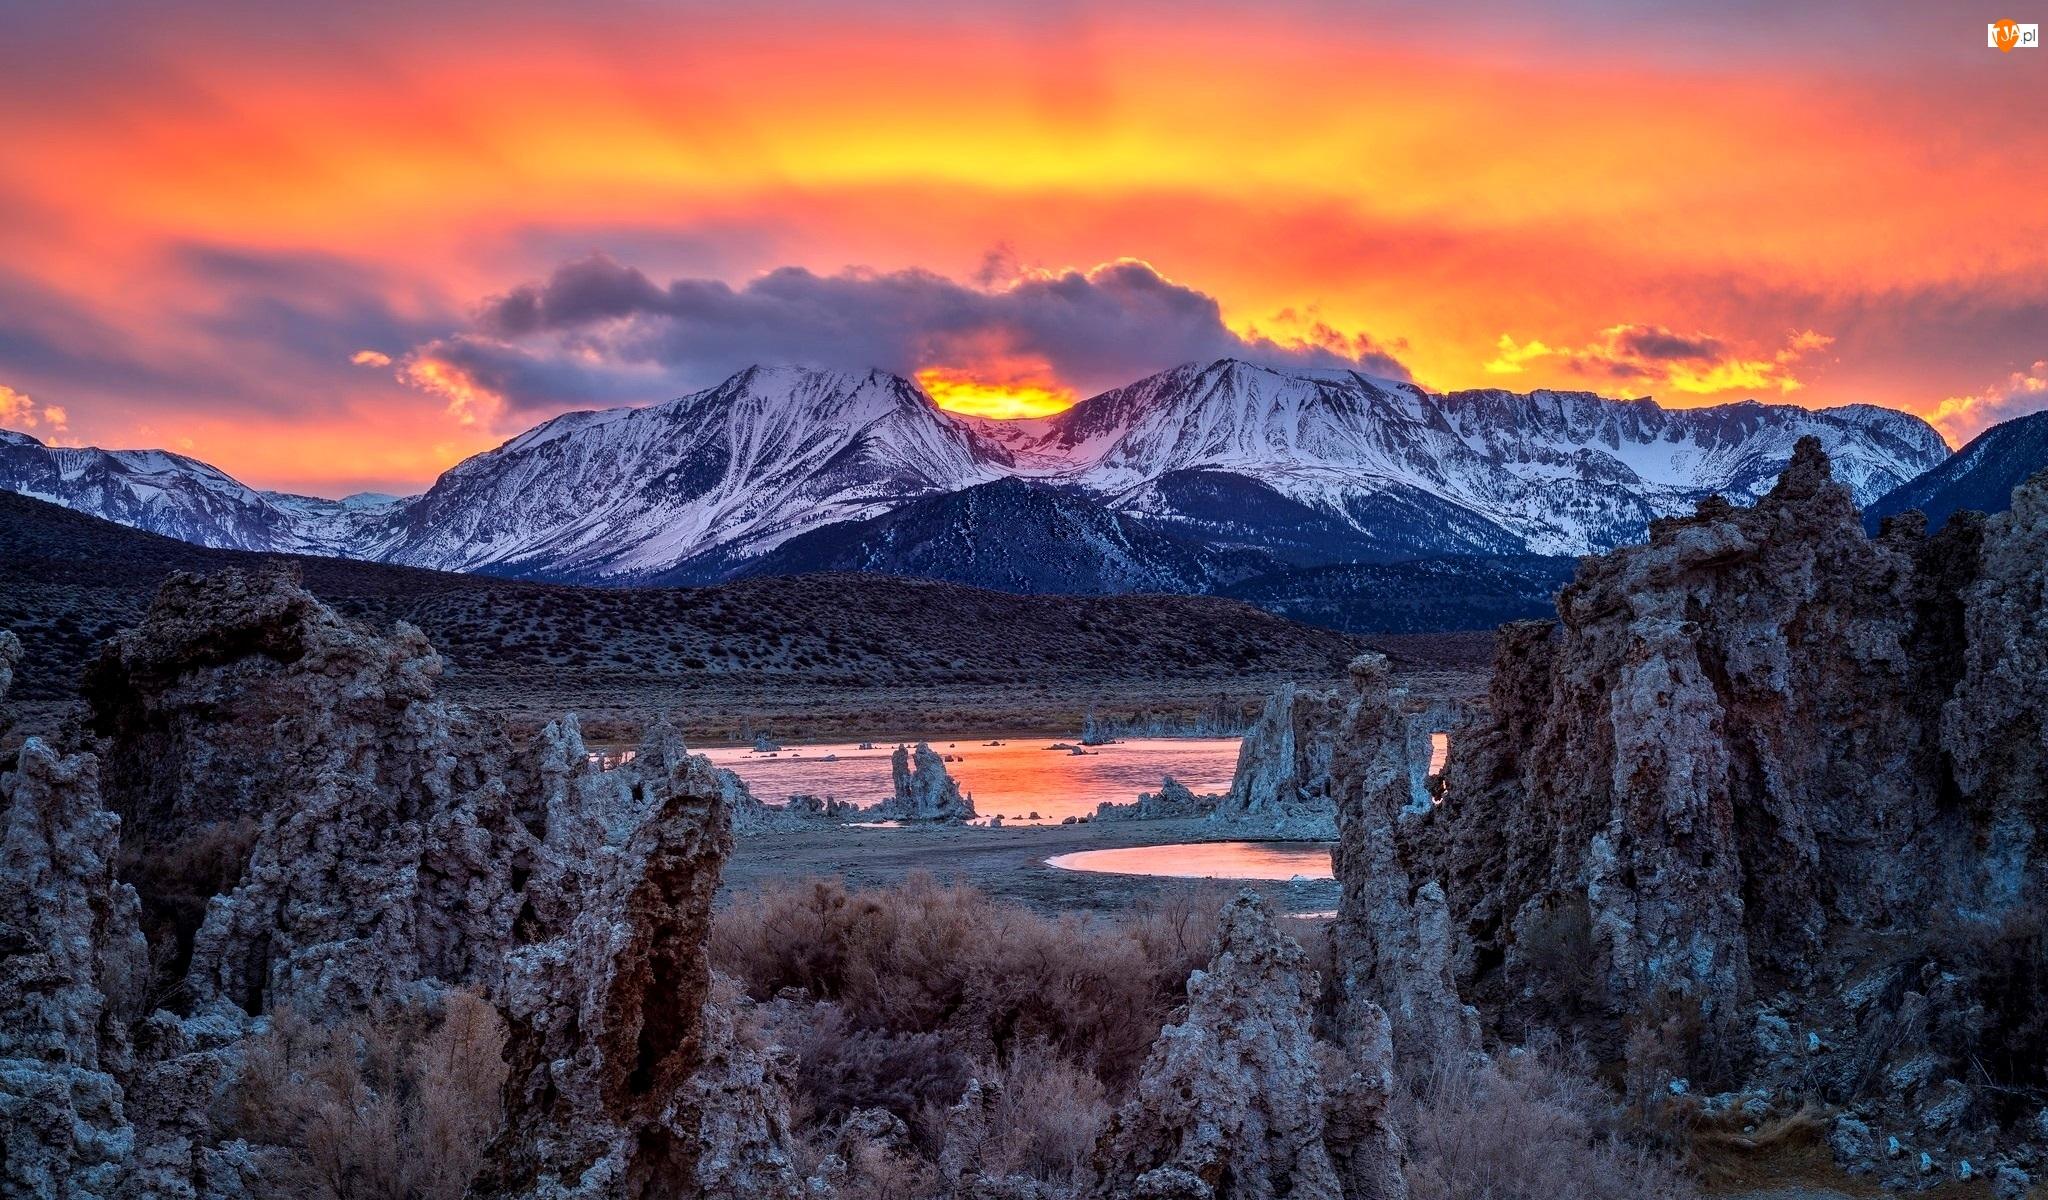 Jezioro Mono Lake, Zachód Słońca, Stan Kalifornia, Stany Zjednoczone, Góry